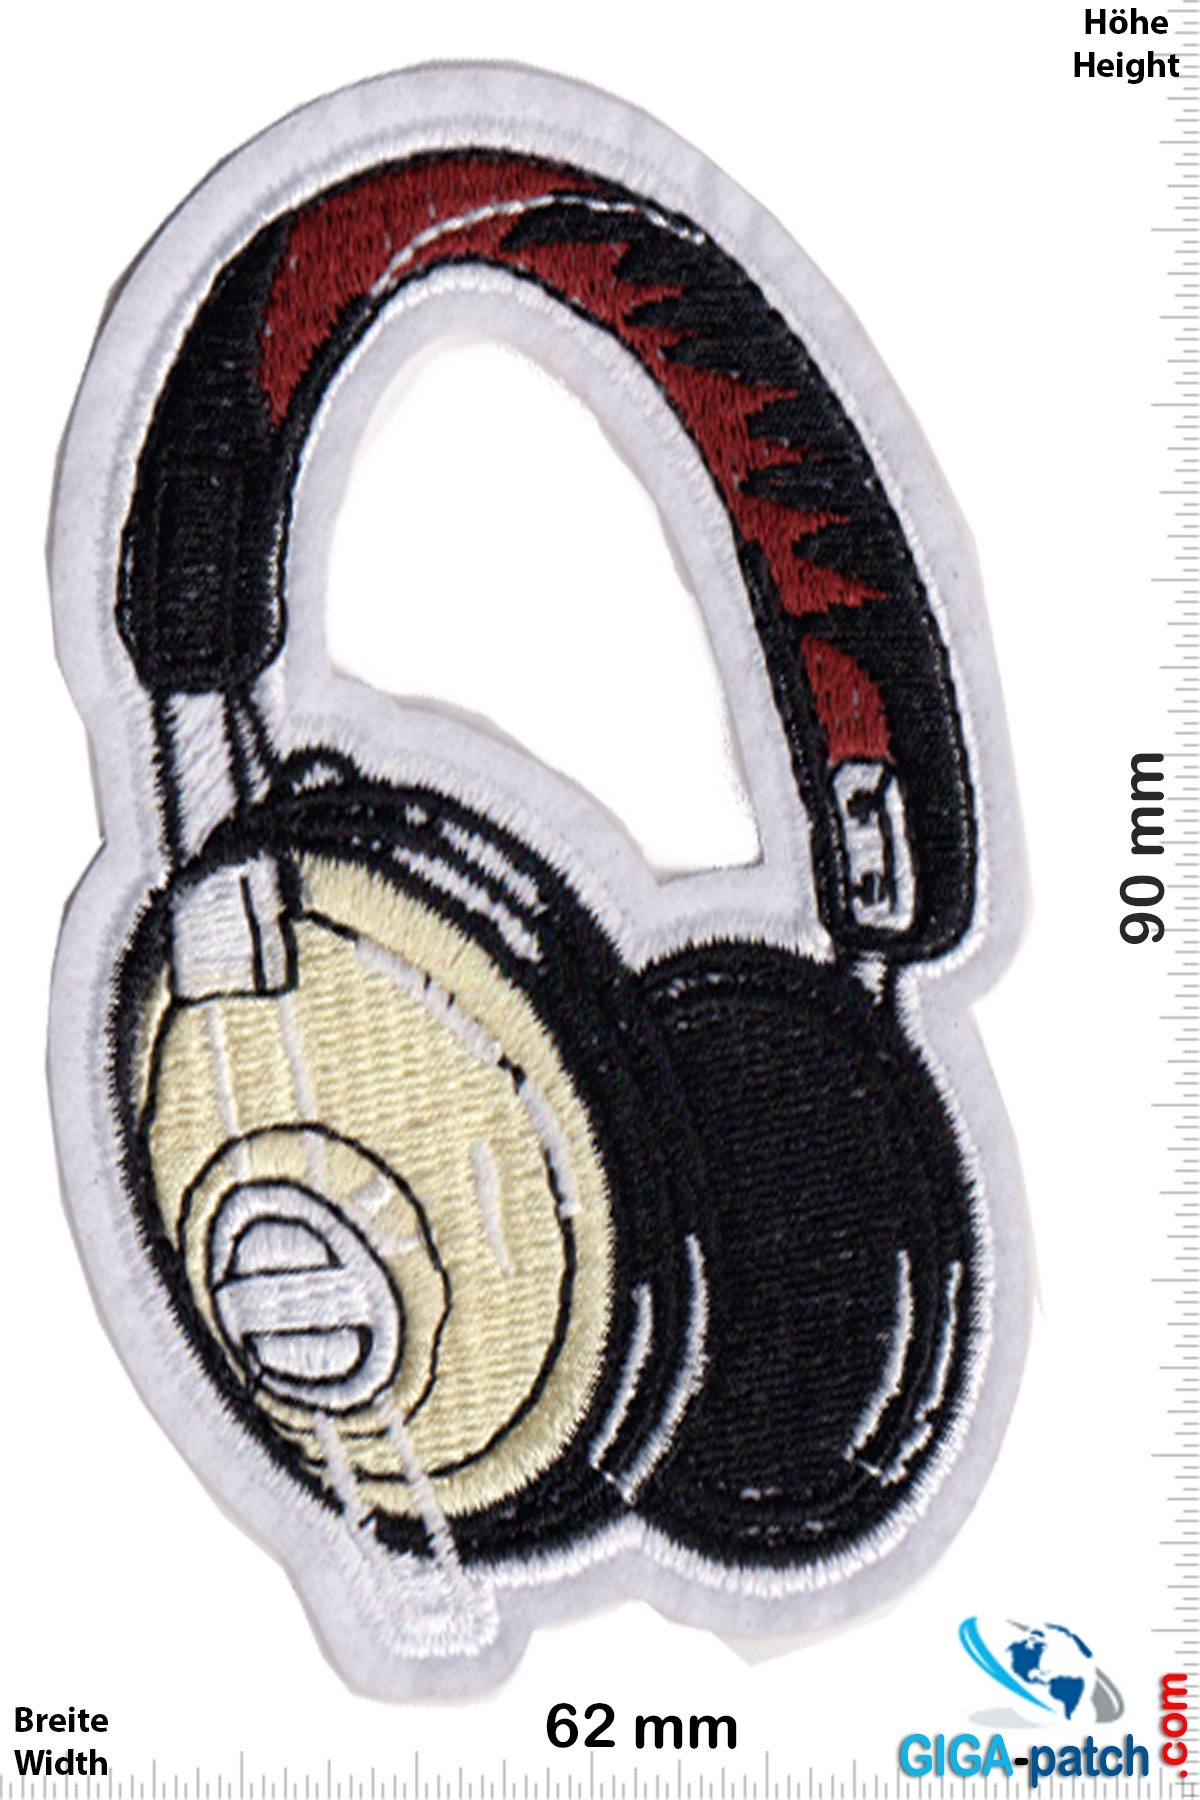 DJ DJ - Headphones - Oldschool